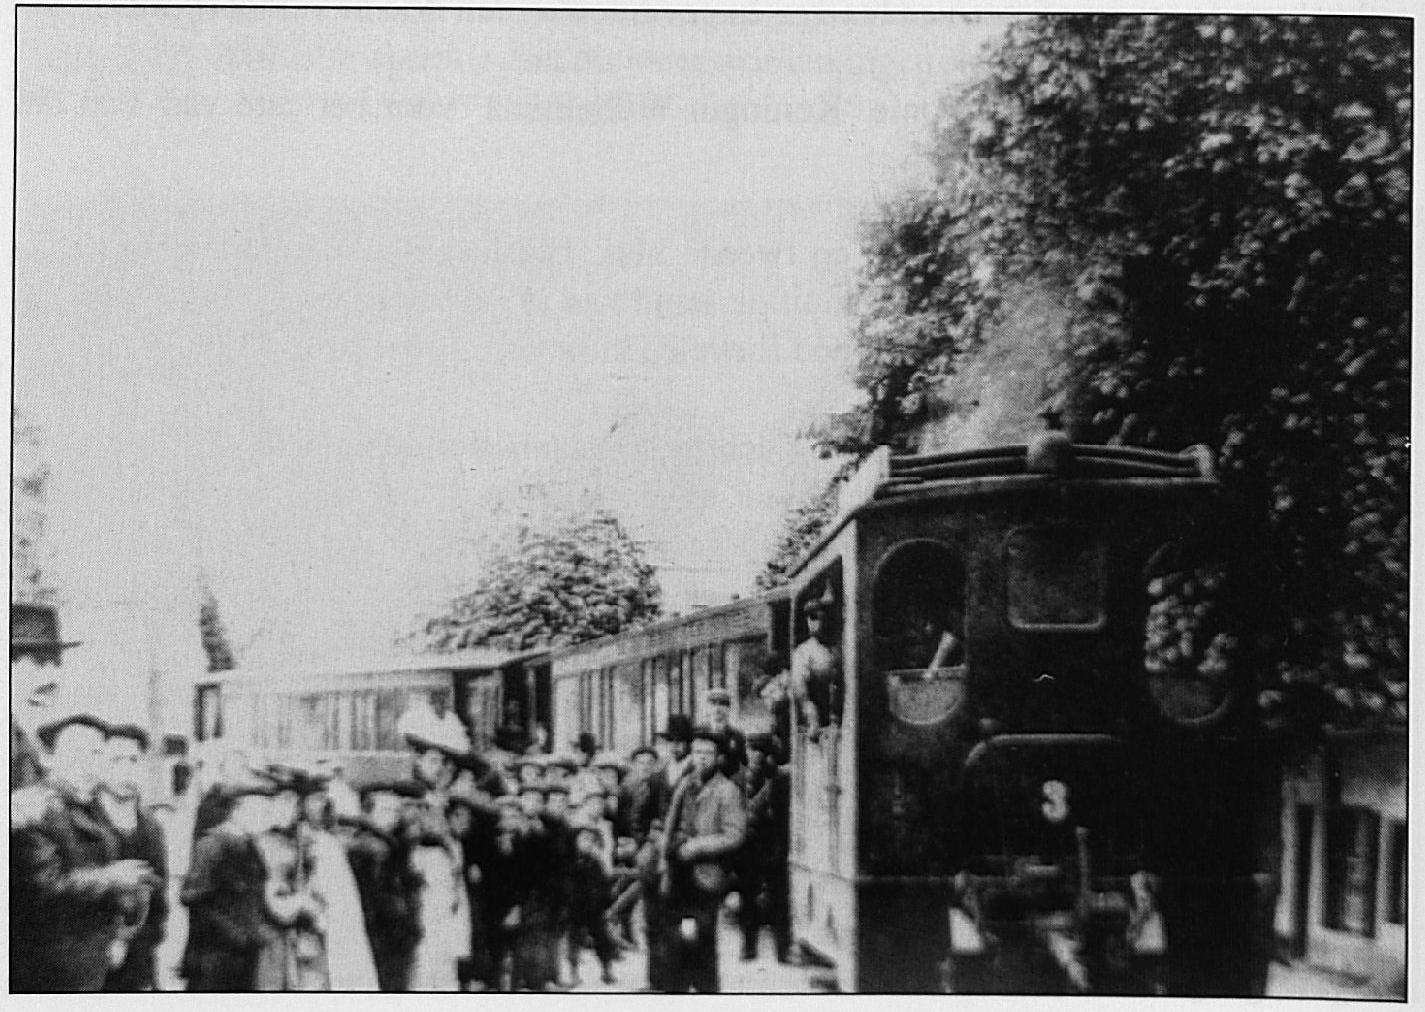 De grote drukte bij het Wamelse tramstation tijdens de bedevaart naar Kevelaar.